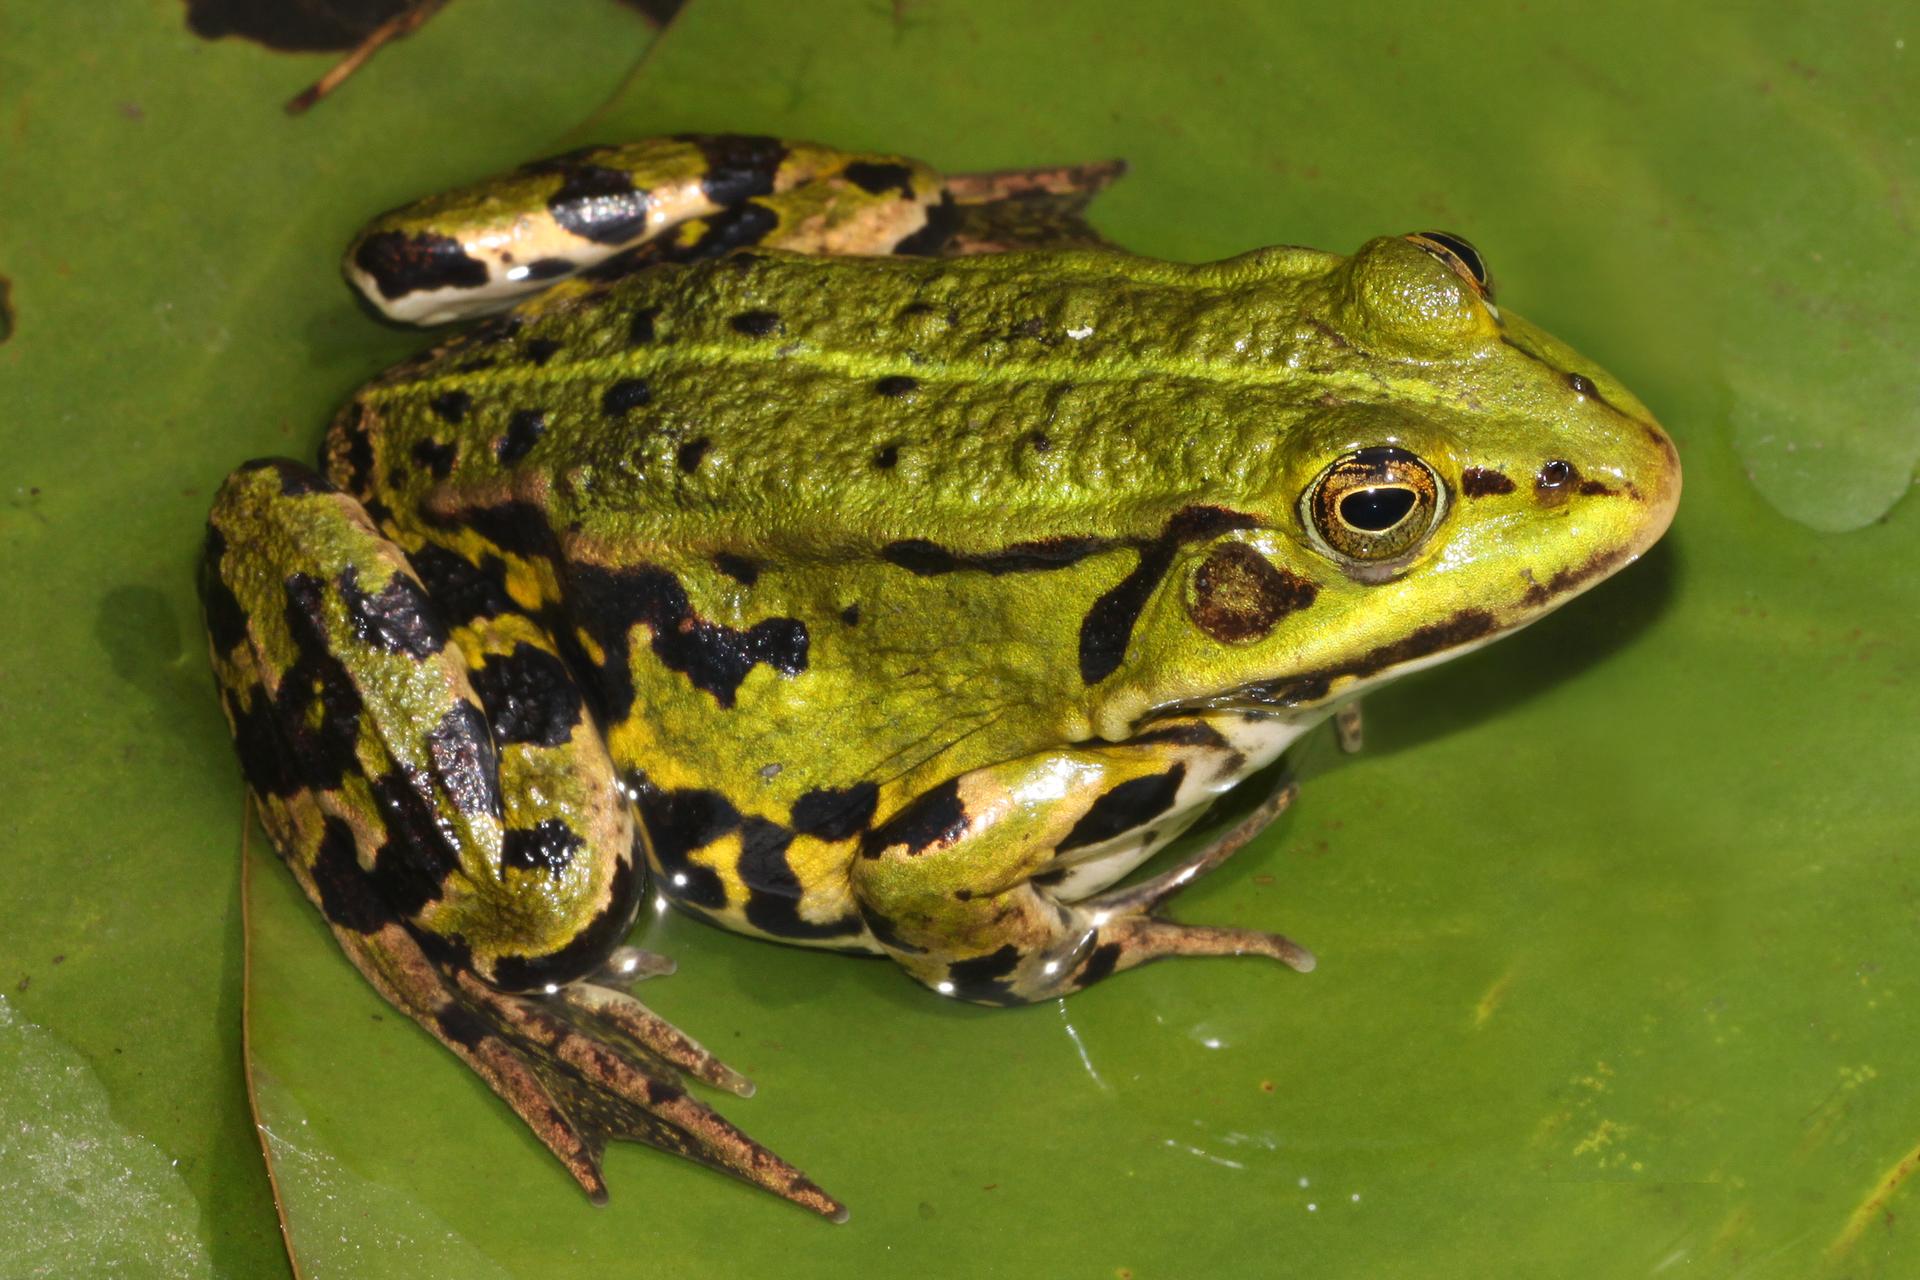 Fotografia przedstawia zgóry zbliżenie zielonej żaby wodnej, siedzącej na liściu wwodzie. Głowa wprawo, zwypukłymi oczami, ciemnymi otworami nozdrzy ijednym otworem usznym. Na grzbiecie skóra chropowata, ma liczne brodawkowate zgrubienia zciemnym szczytem. Wzdłuż grzbietu jasna linia kręgowa wyznacza oś symetrii ciała. Na boku ina kończynach czarne, nieregularne plamy. Pace brązowe, zniewielka błoną pławną.